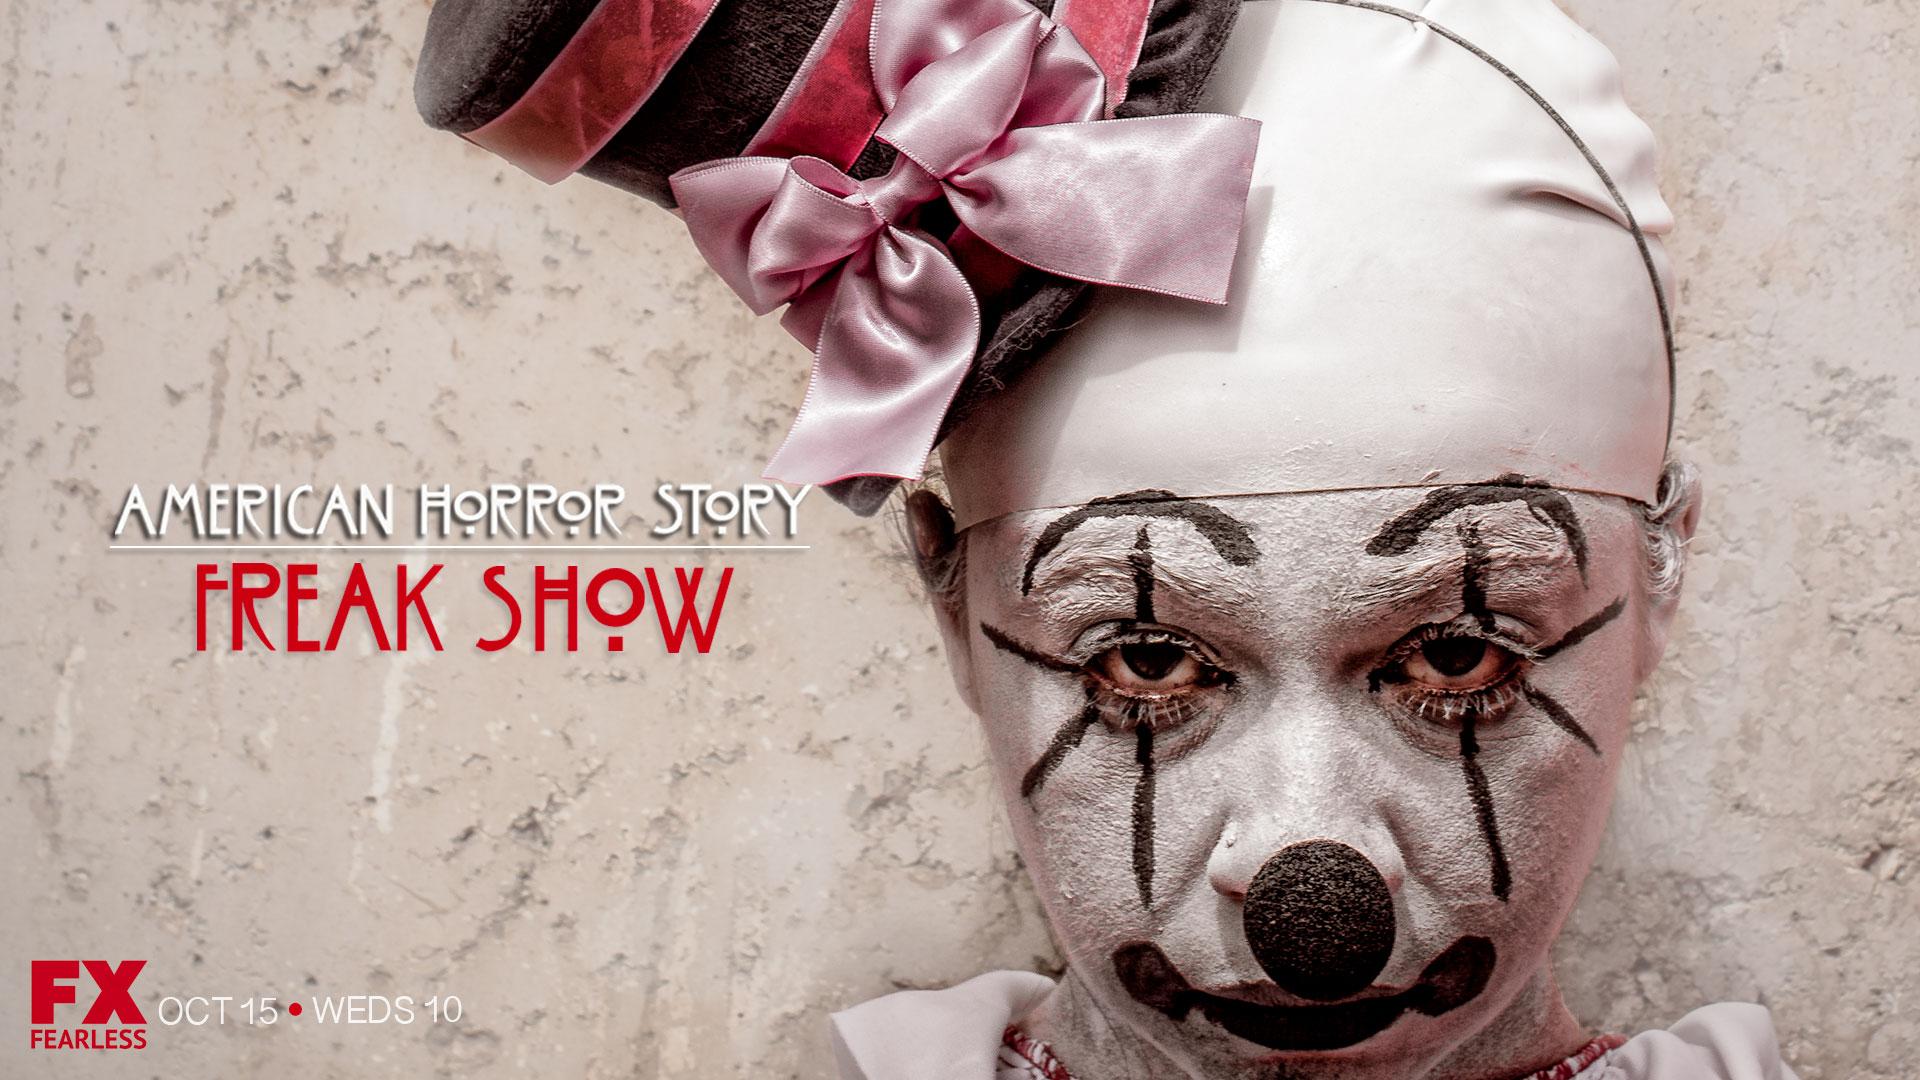 Los Payasos Se Enfadan Con American Horror Story Freak